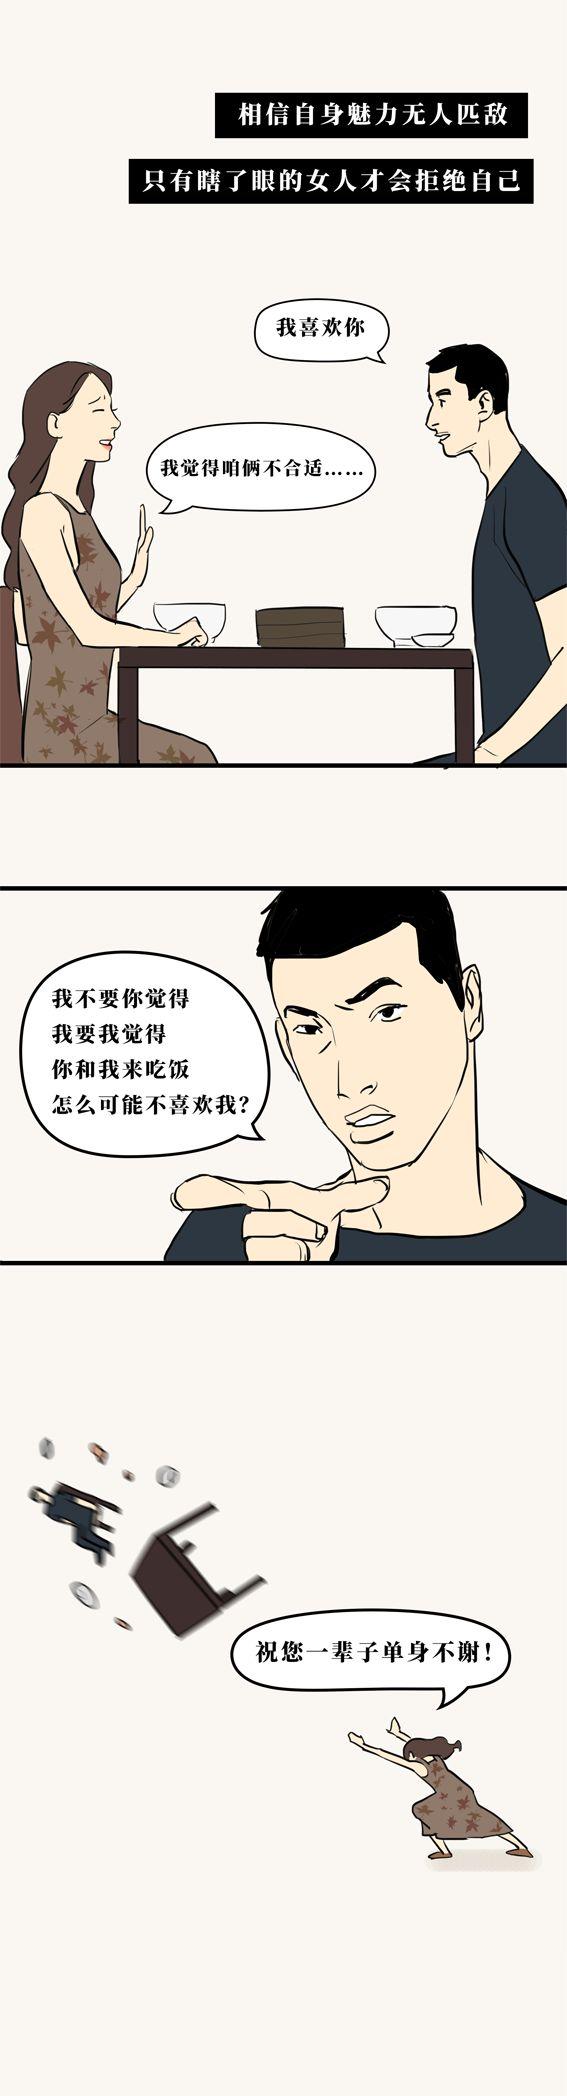 微信公众号 大人修炼手册(id:darenxiulian),用漫画给你看大人们的